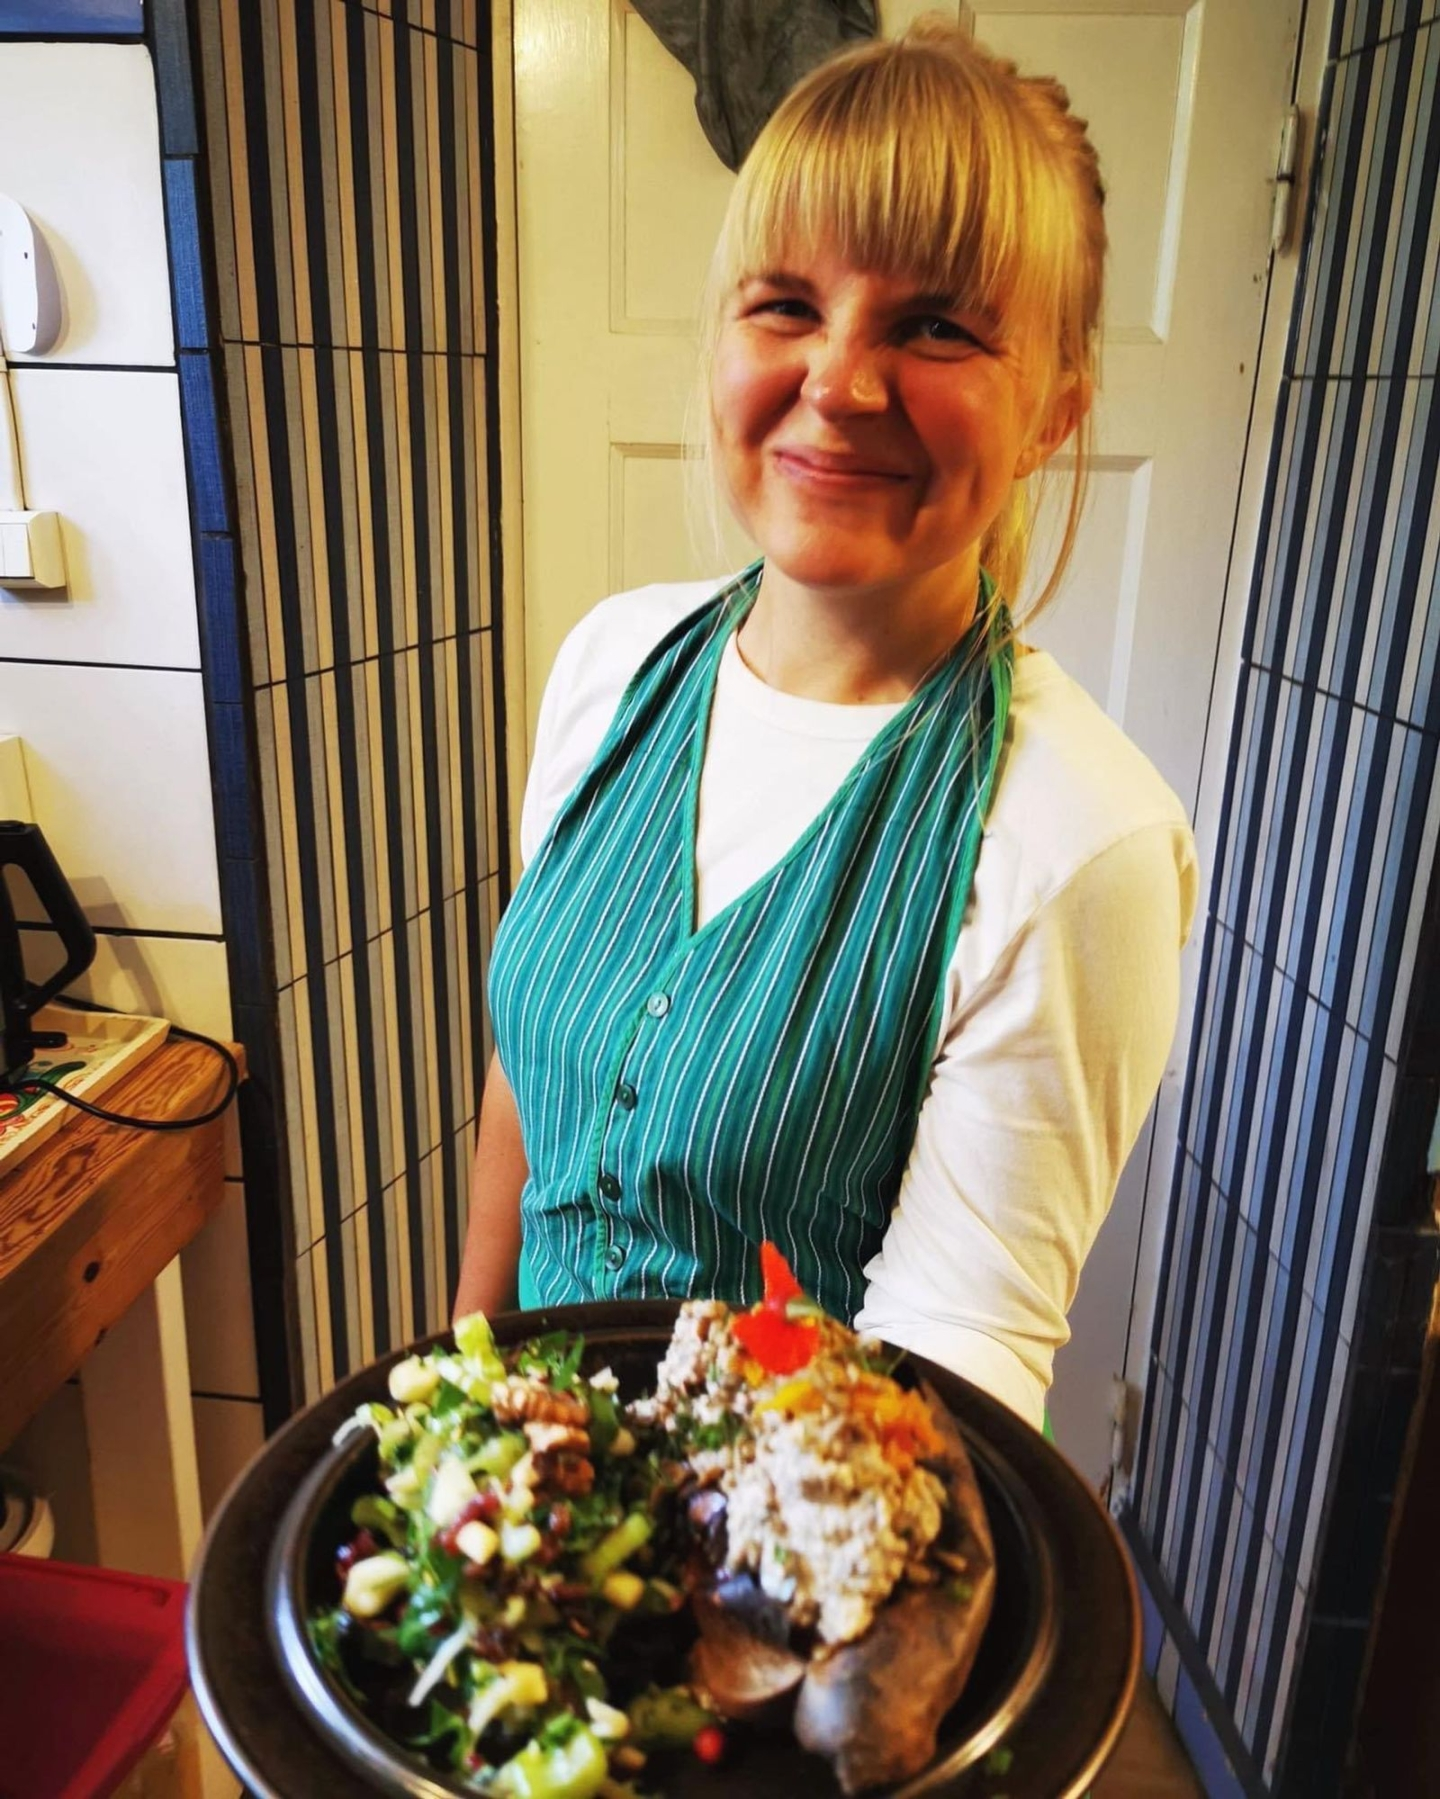 Helbakad sötpotatis med quinoaröra, rostade valnötter, mungbönor och en kä̈mig sås baserad på tahini, rostad vitlök och timjan.Fänkålssallad med äpple, lingon, tranbär, selleri och mynta. Toppas med rostade solrosfrön med smak av senap.